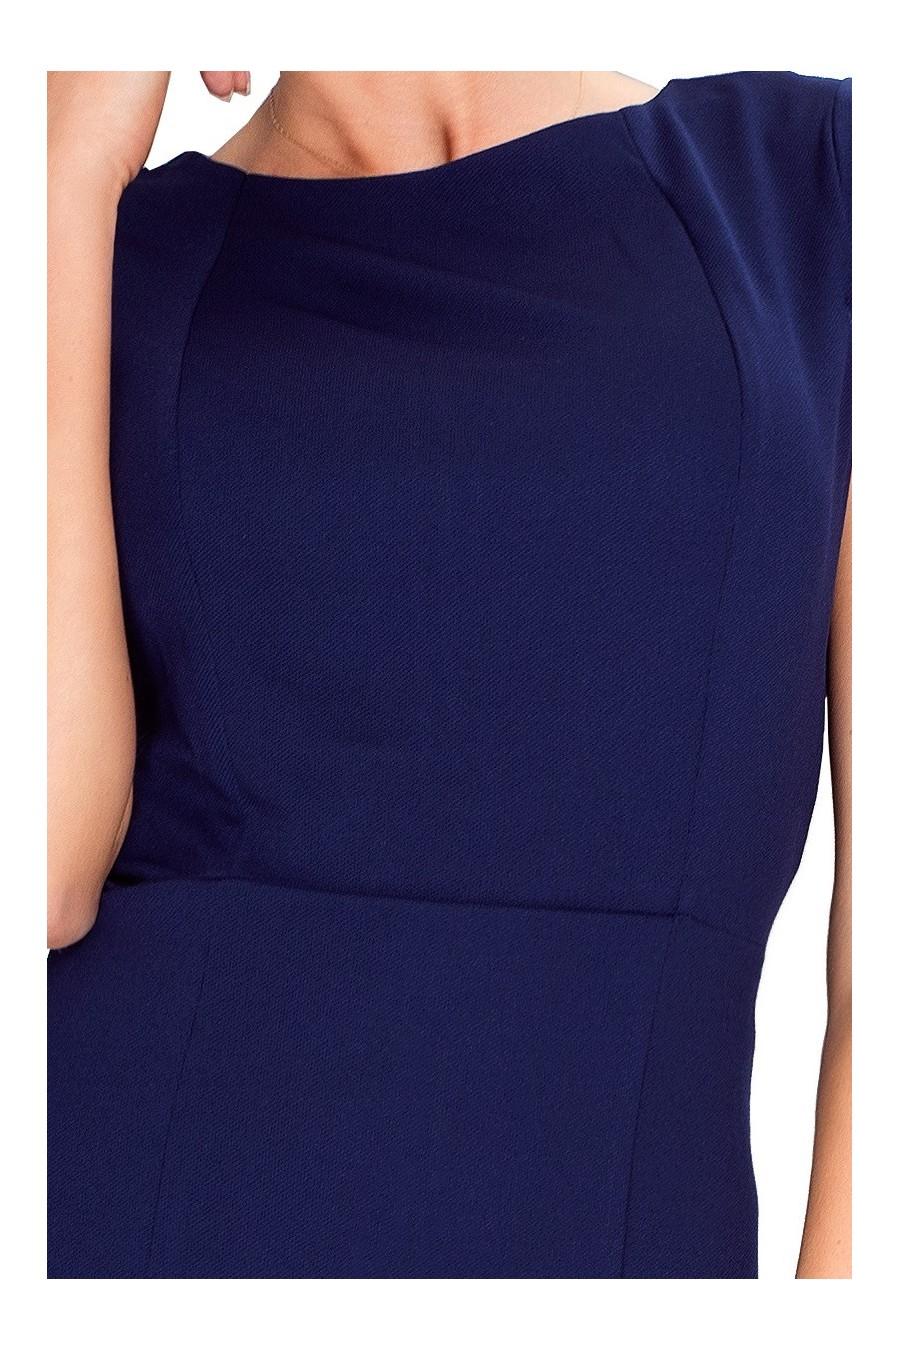 37-2 Elegantní šaty s krátkými rukávy - Tmava Modra